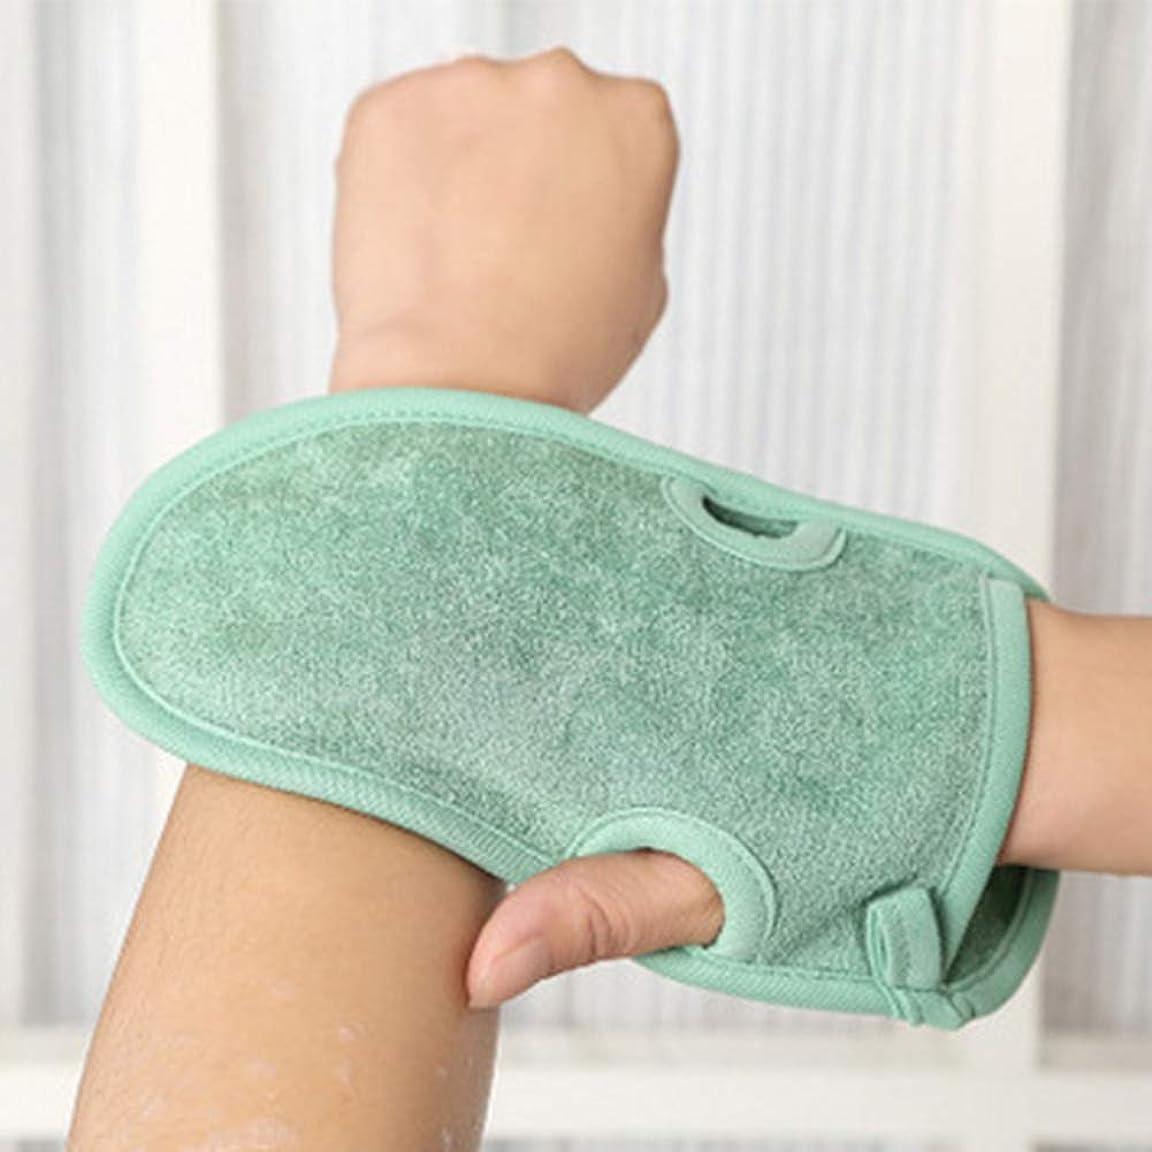 燃やす胃苦角質除去ボディスクラブ角質除去手袋 - 無料バスタオルスリングバスタオル